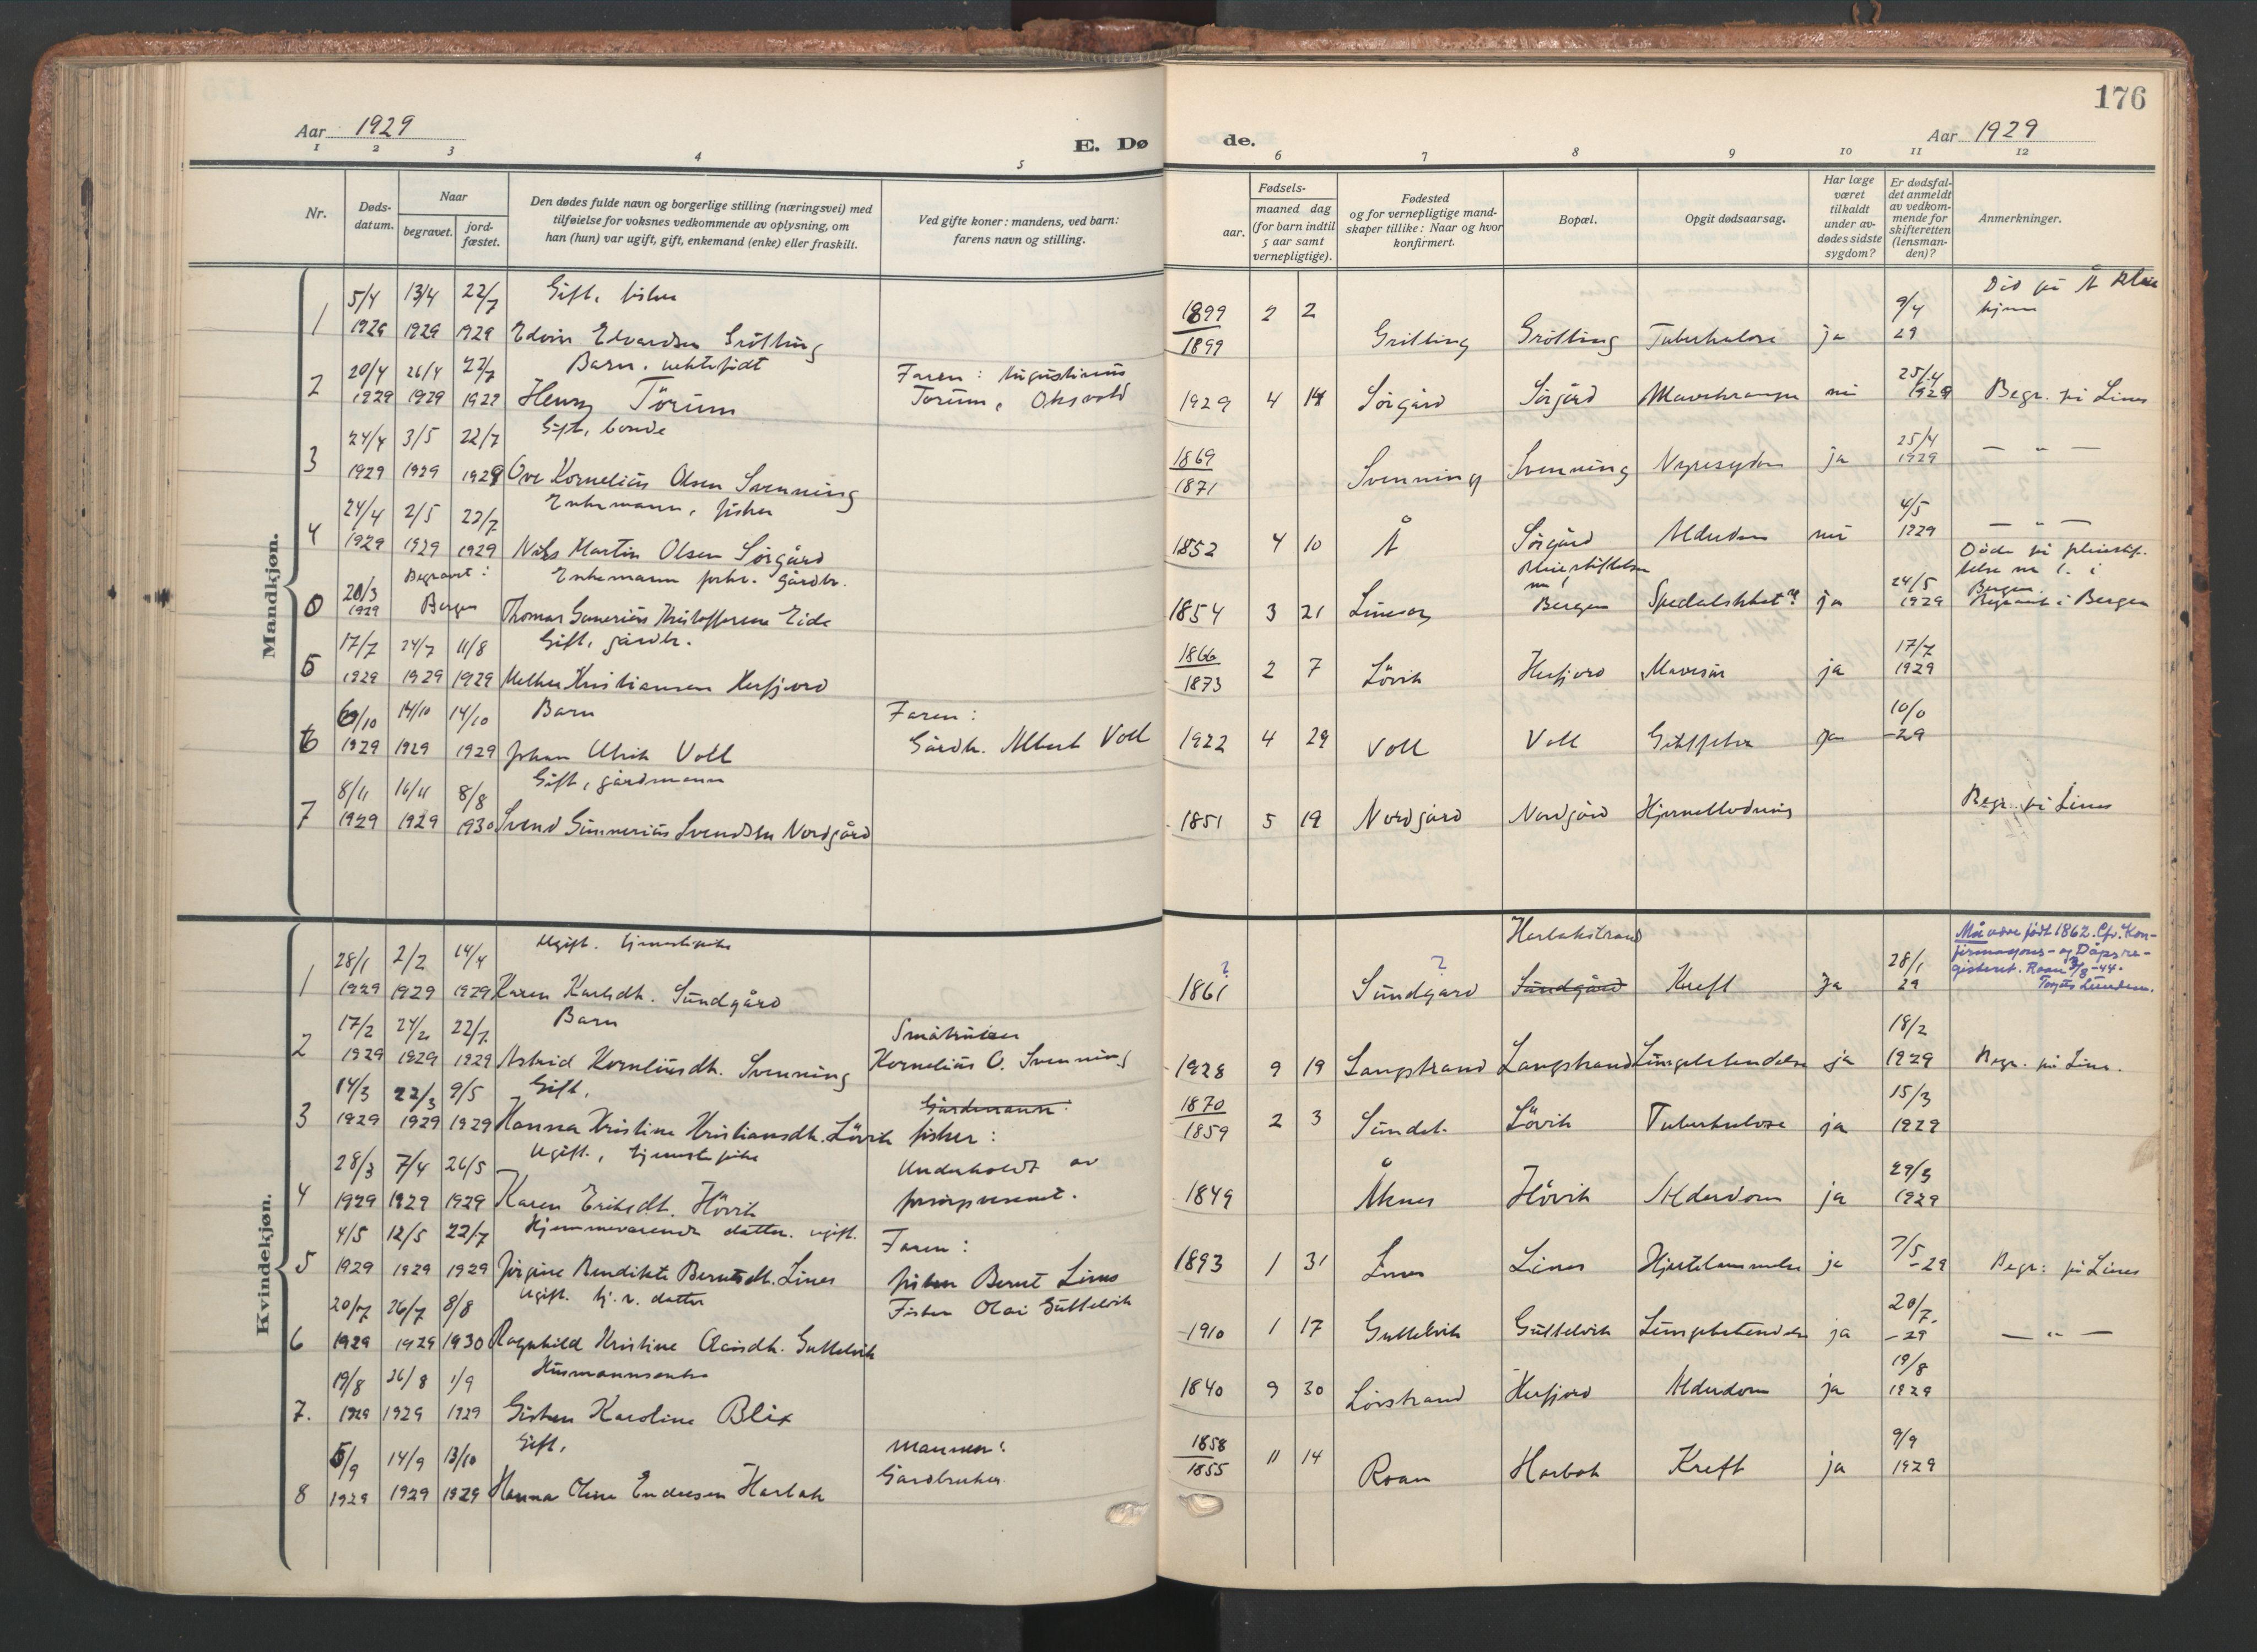 SAT, Ministerialprotokoller, klokkerbøker og fødselsregistre - Sør-Trøndelag, 656/L0694: Ministerialbok nr. 656A03, 1914-1931, s. 176